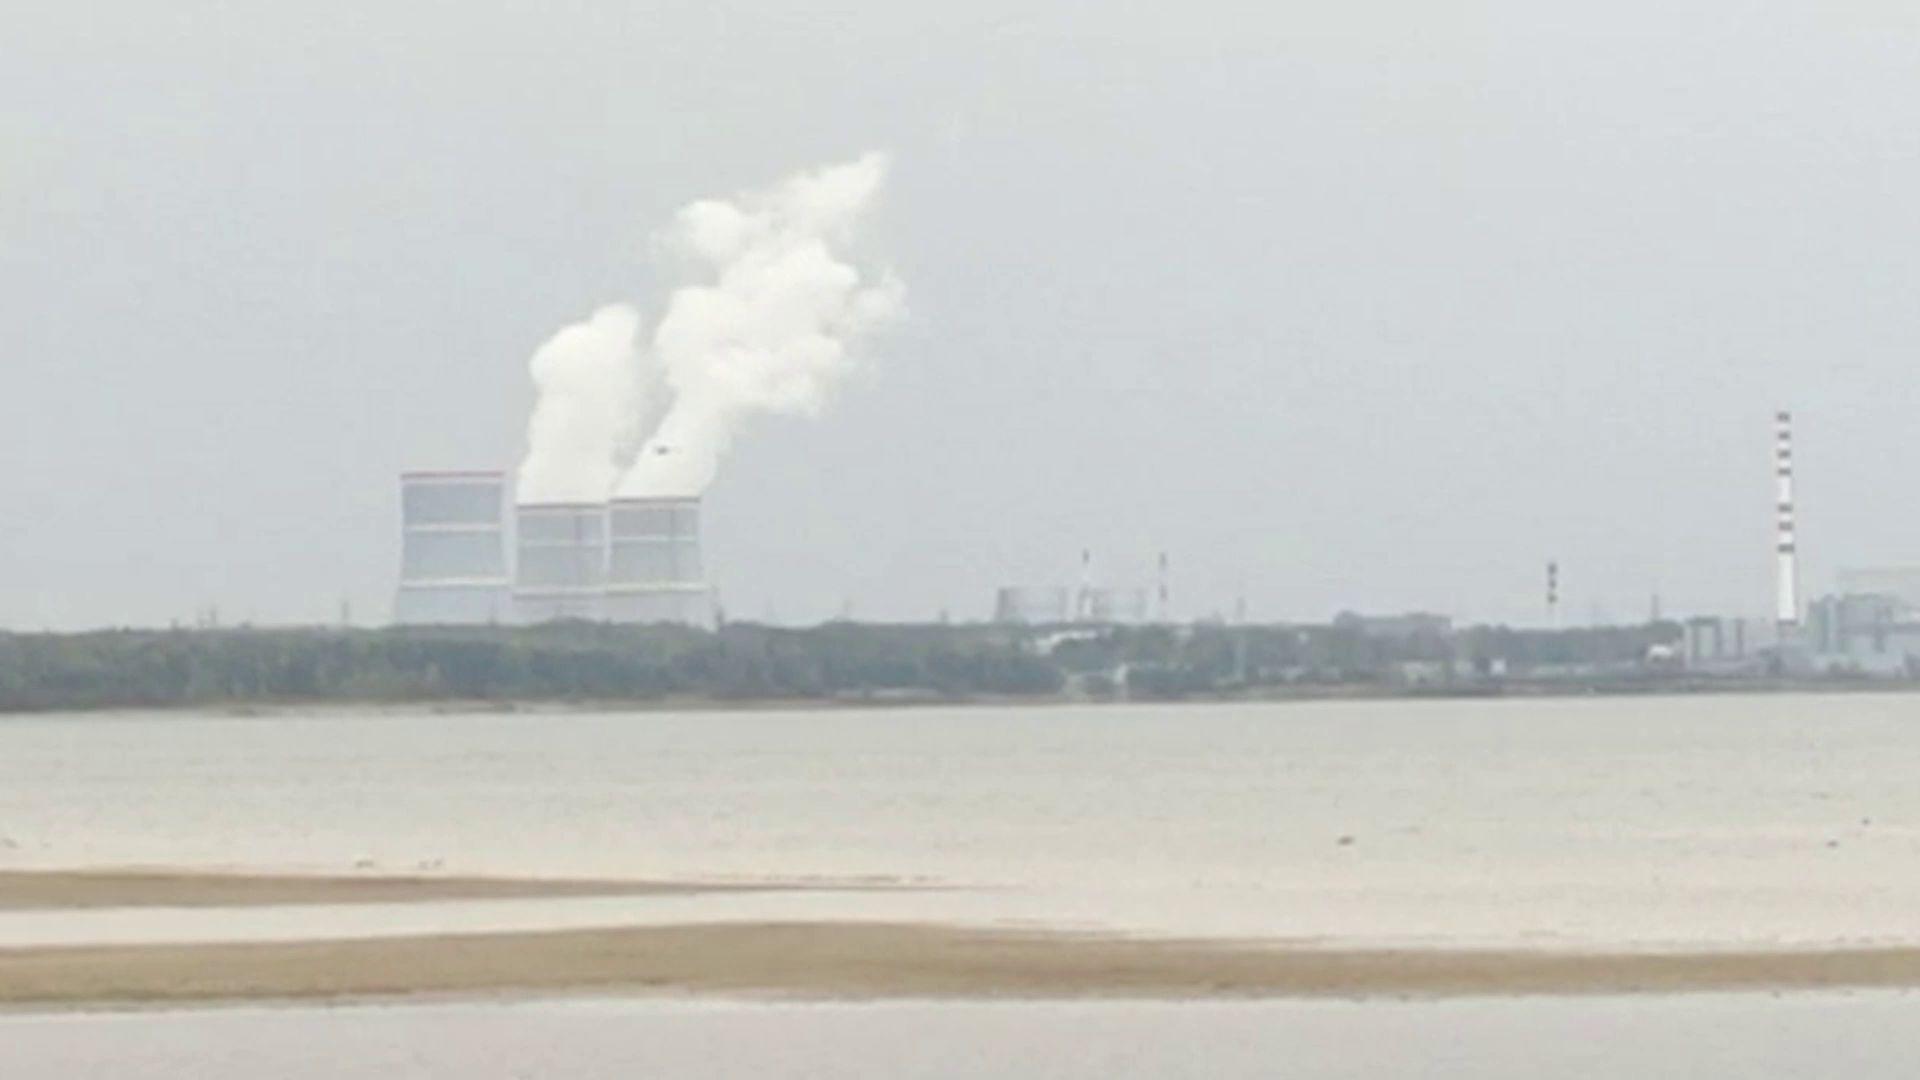 Ярославцы посетили крупнейшую в России АЭС под Санкт-Петербургом